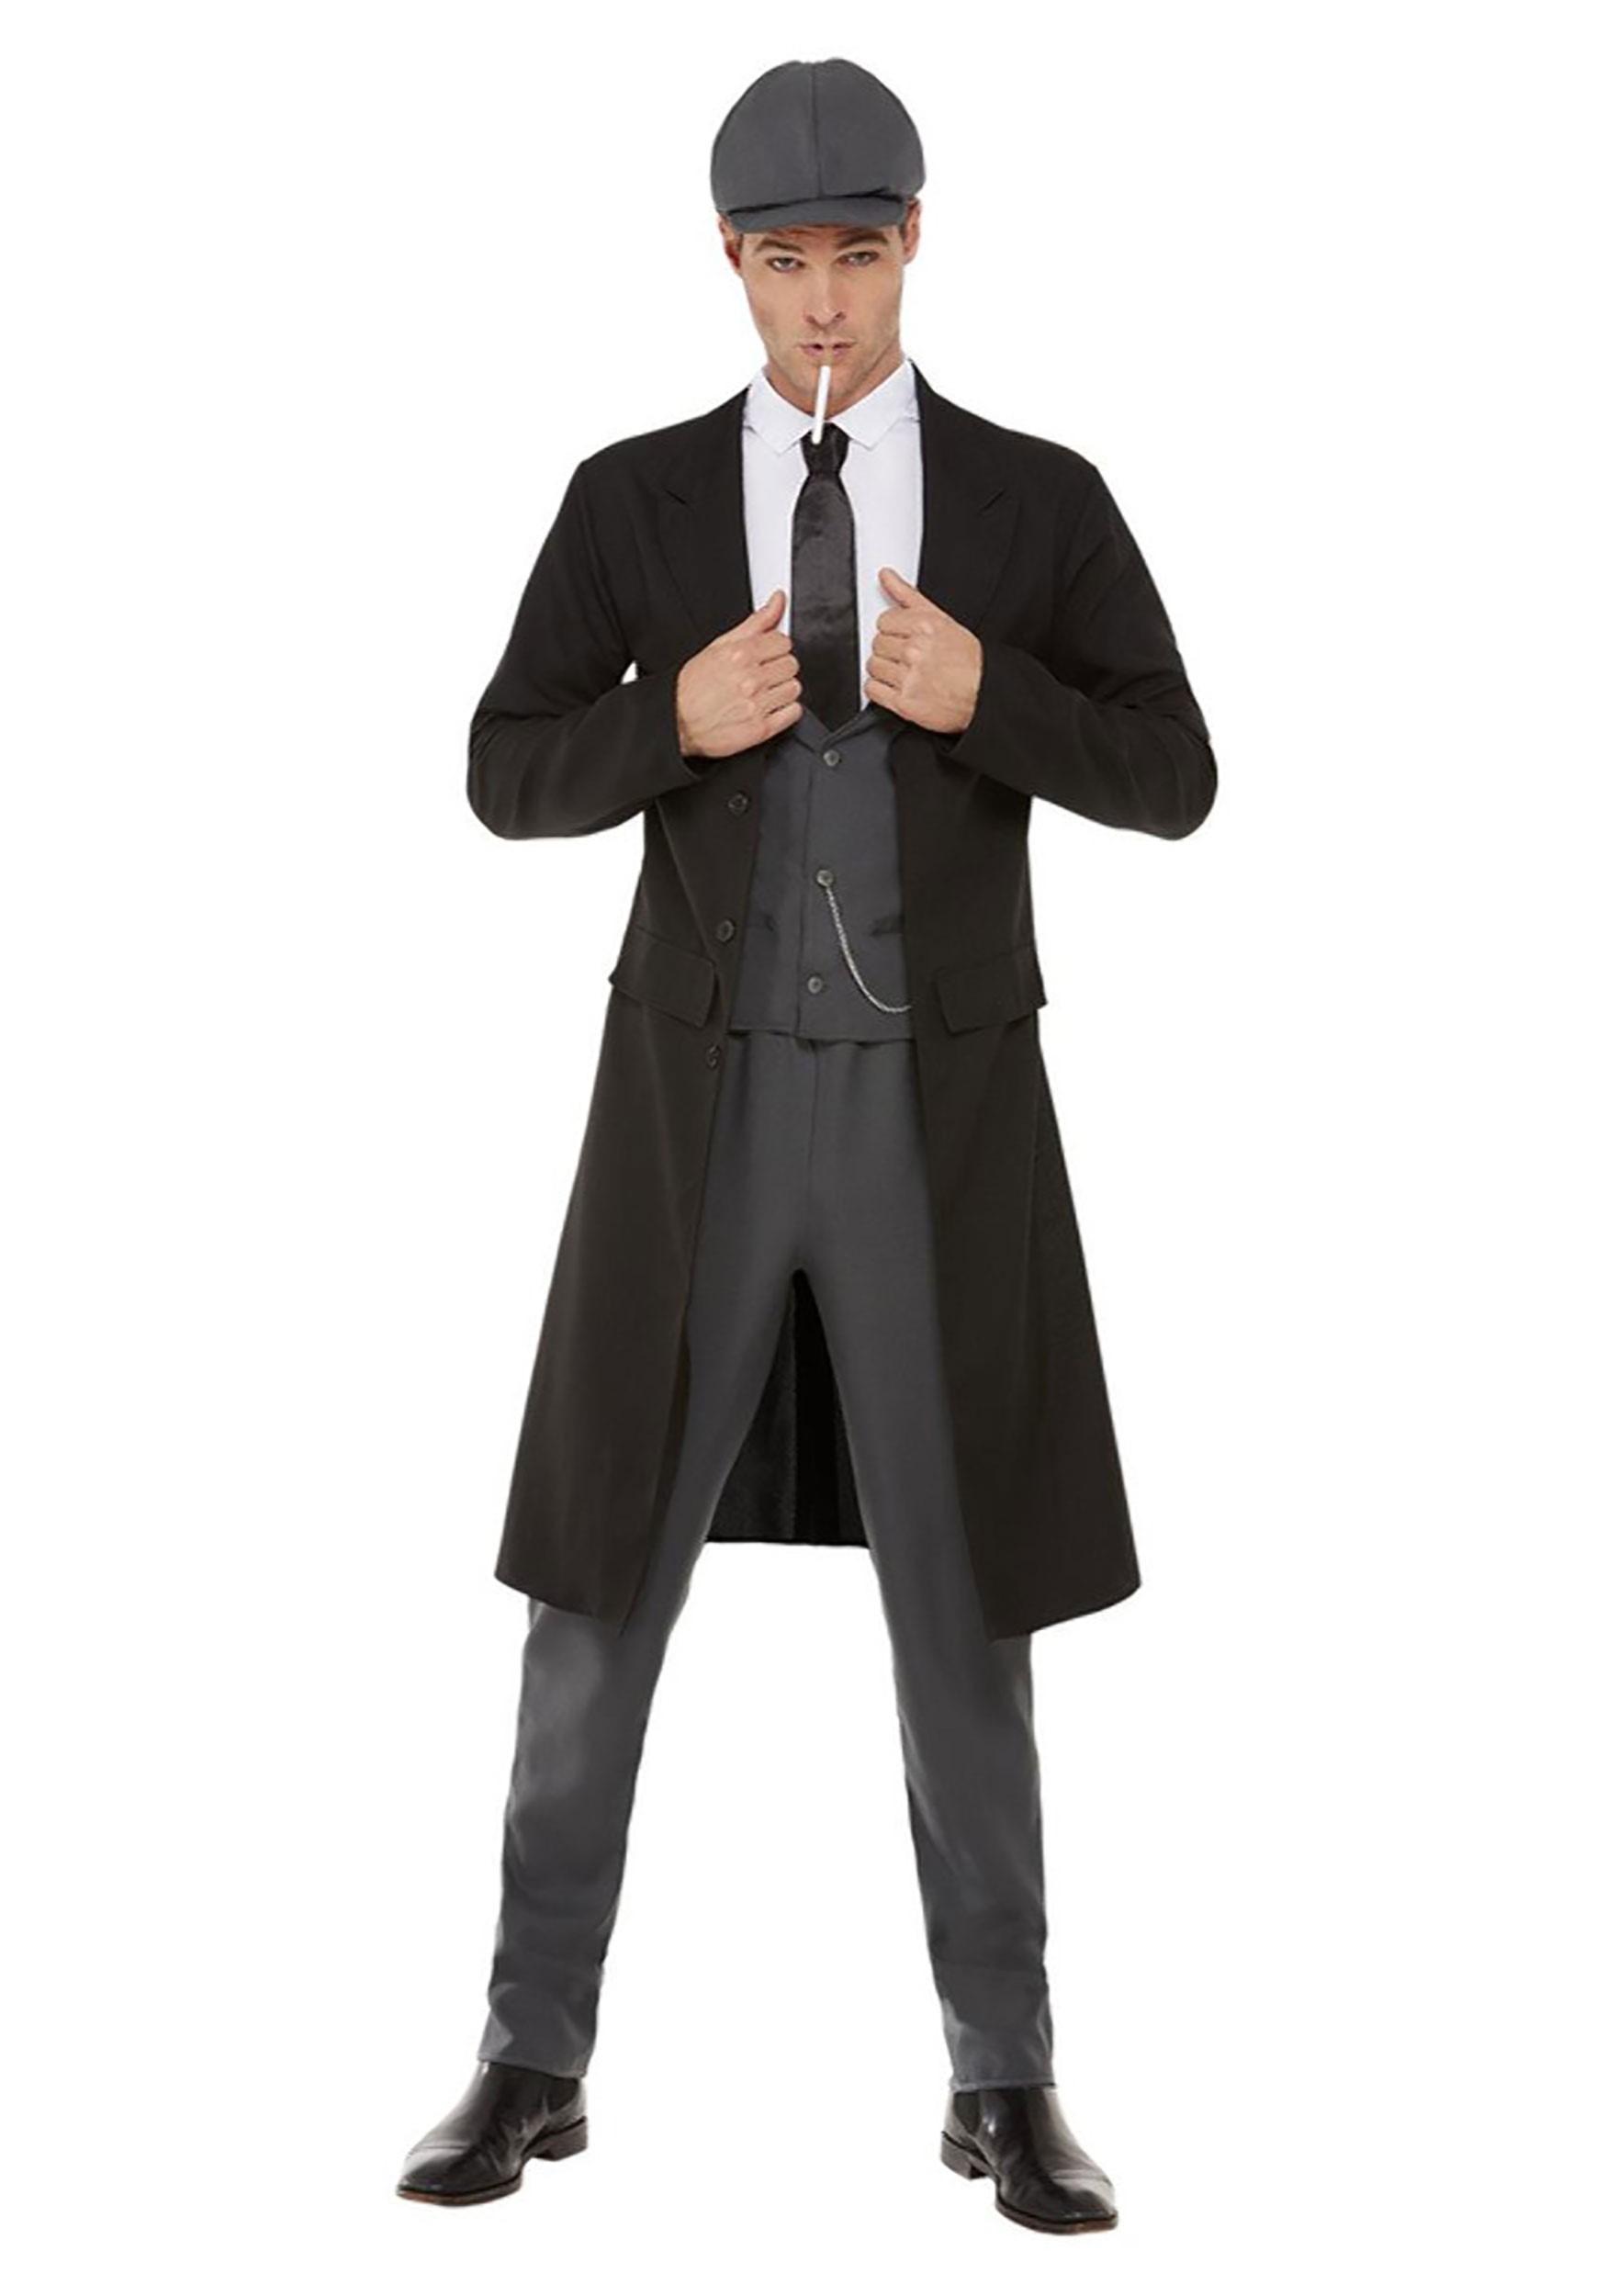 Blinding Gangster Costume for Men